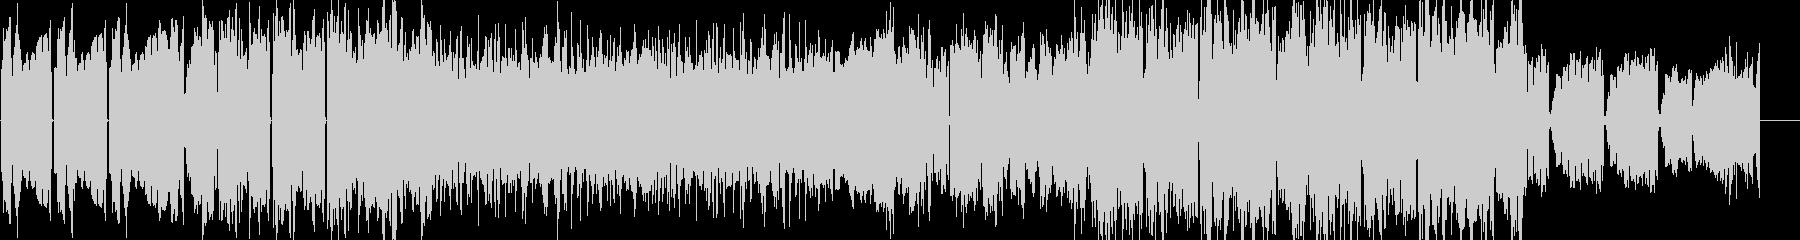 不穏感・浮遊感のあるチルアウトBGMの未再生の波形